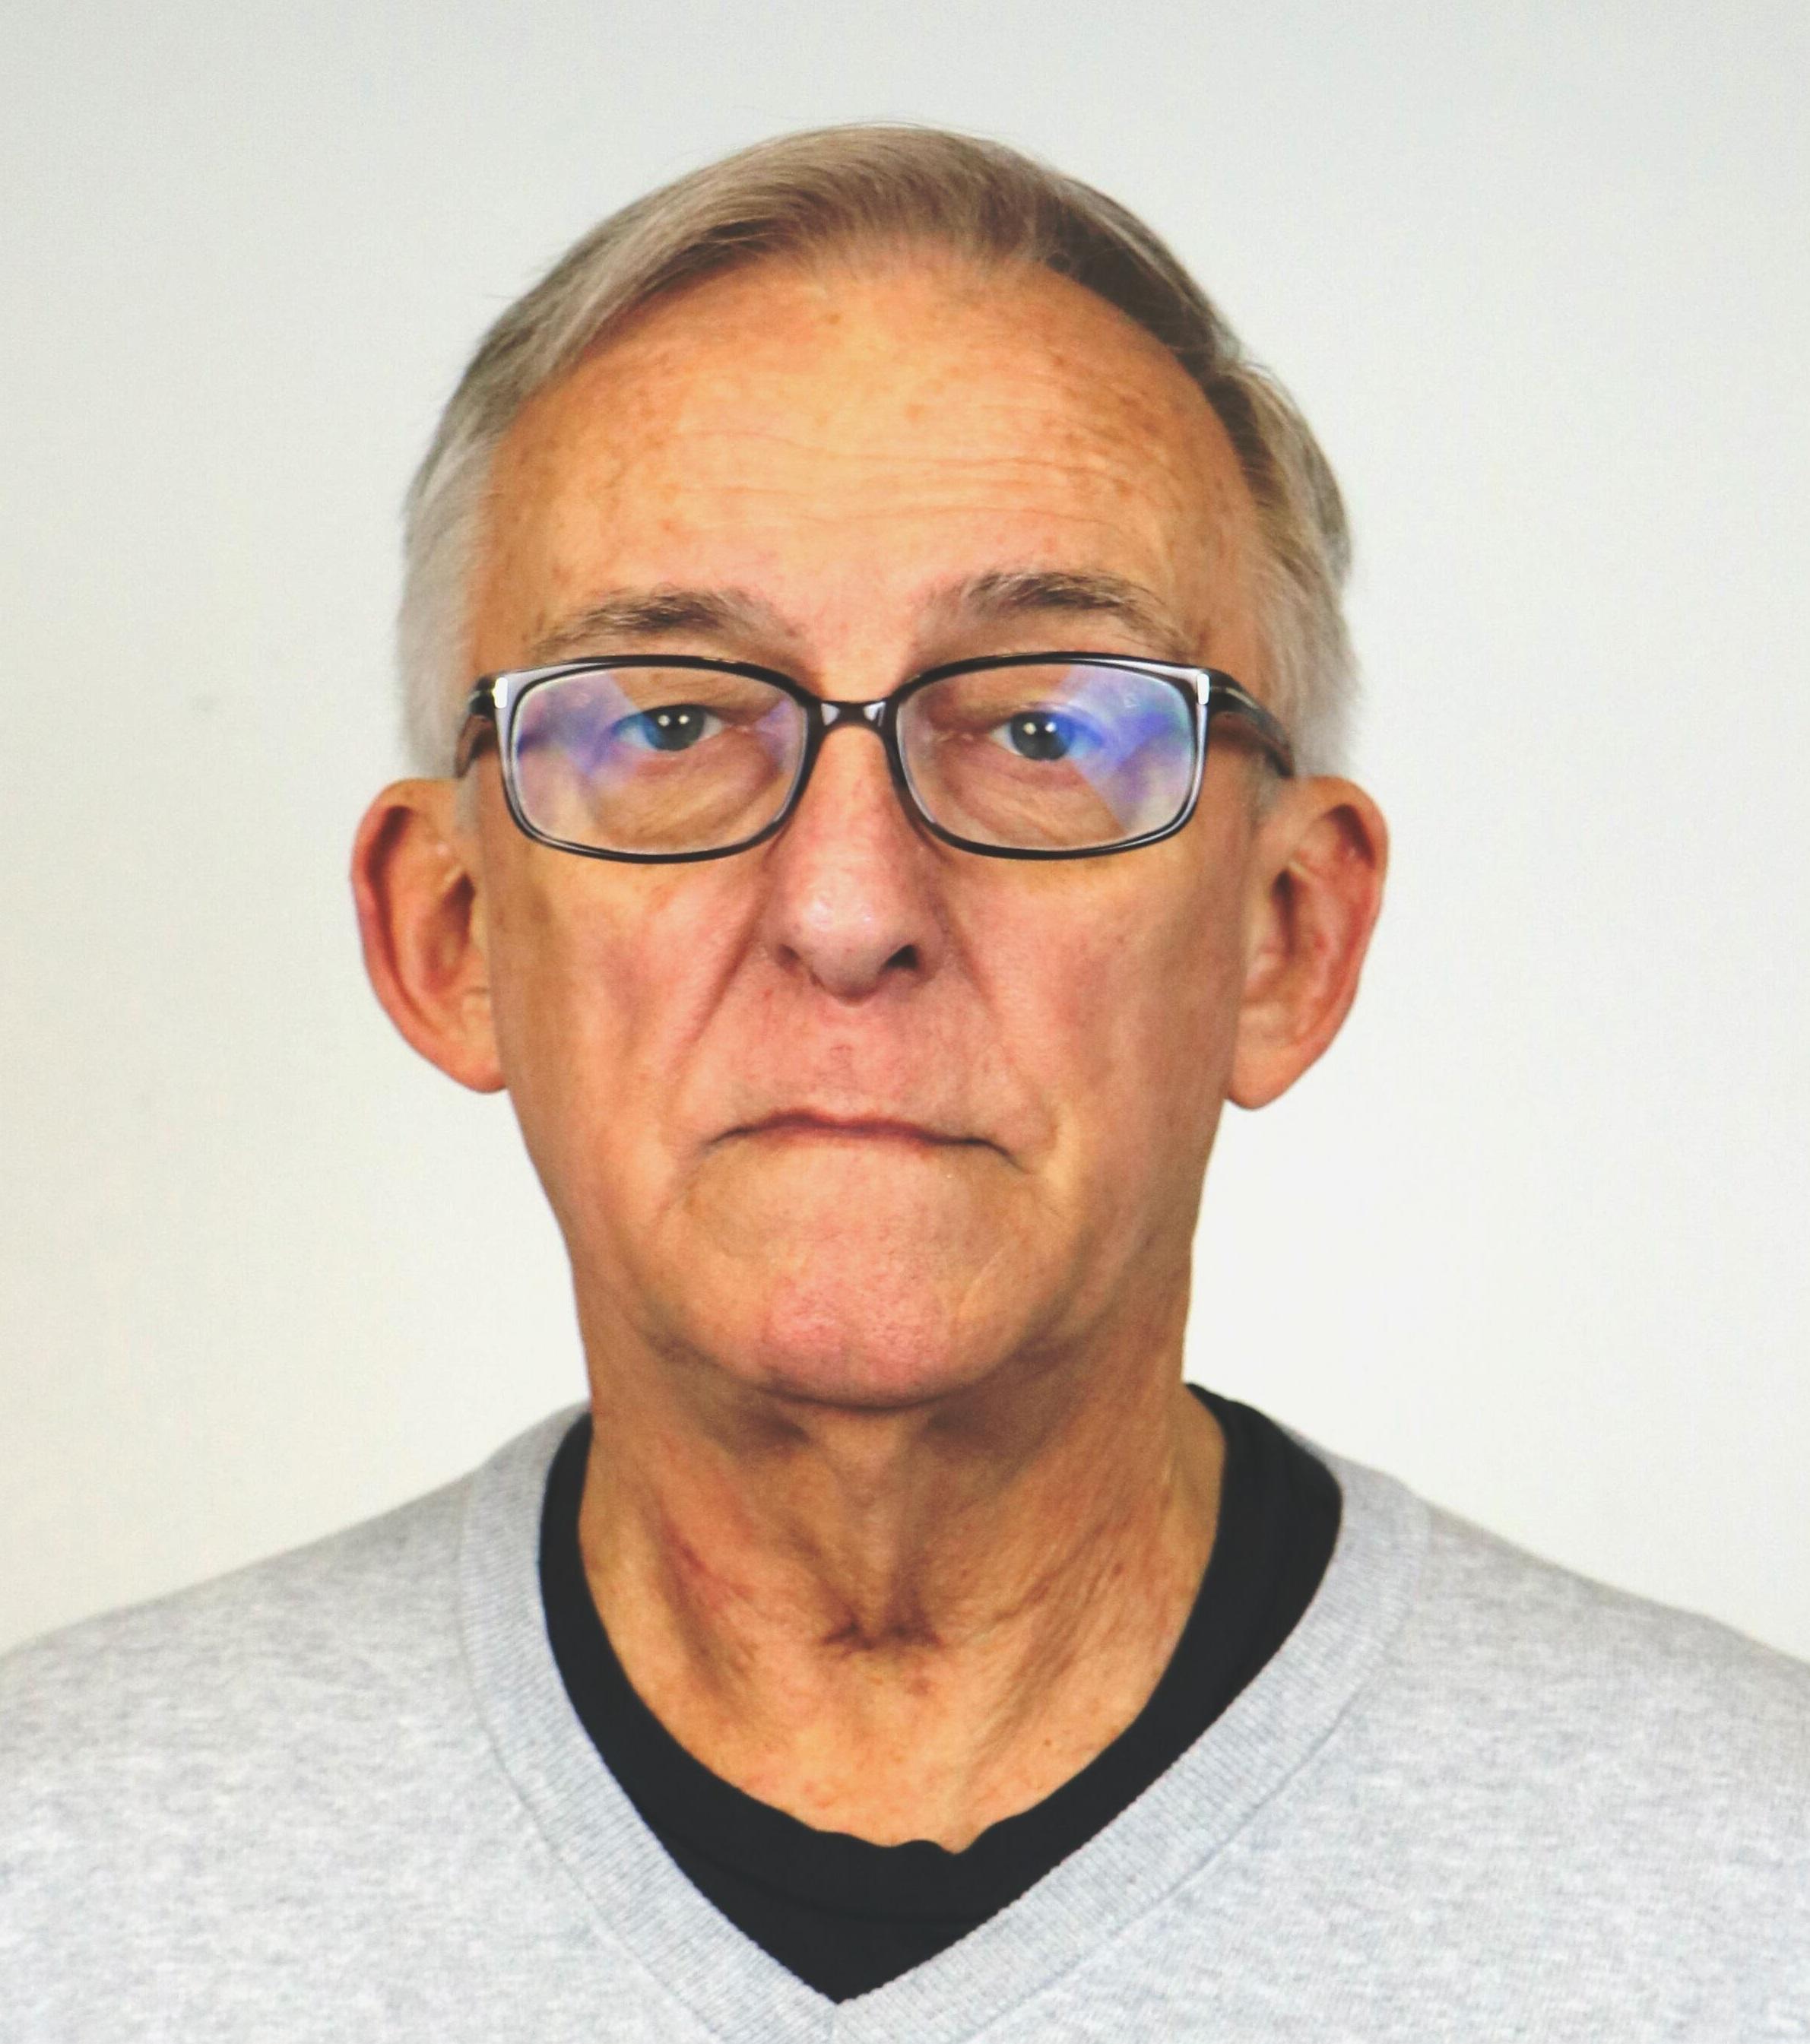 Meruelo Media Sr. Dir./Engineering Terry Grieger Dies In Los Angeles